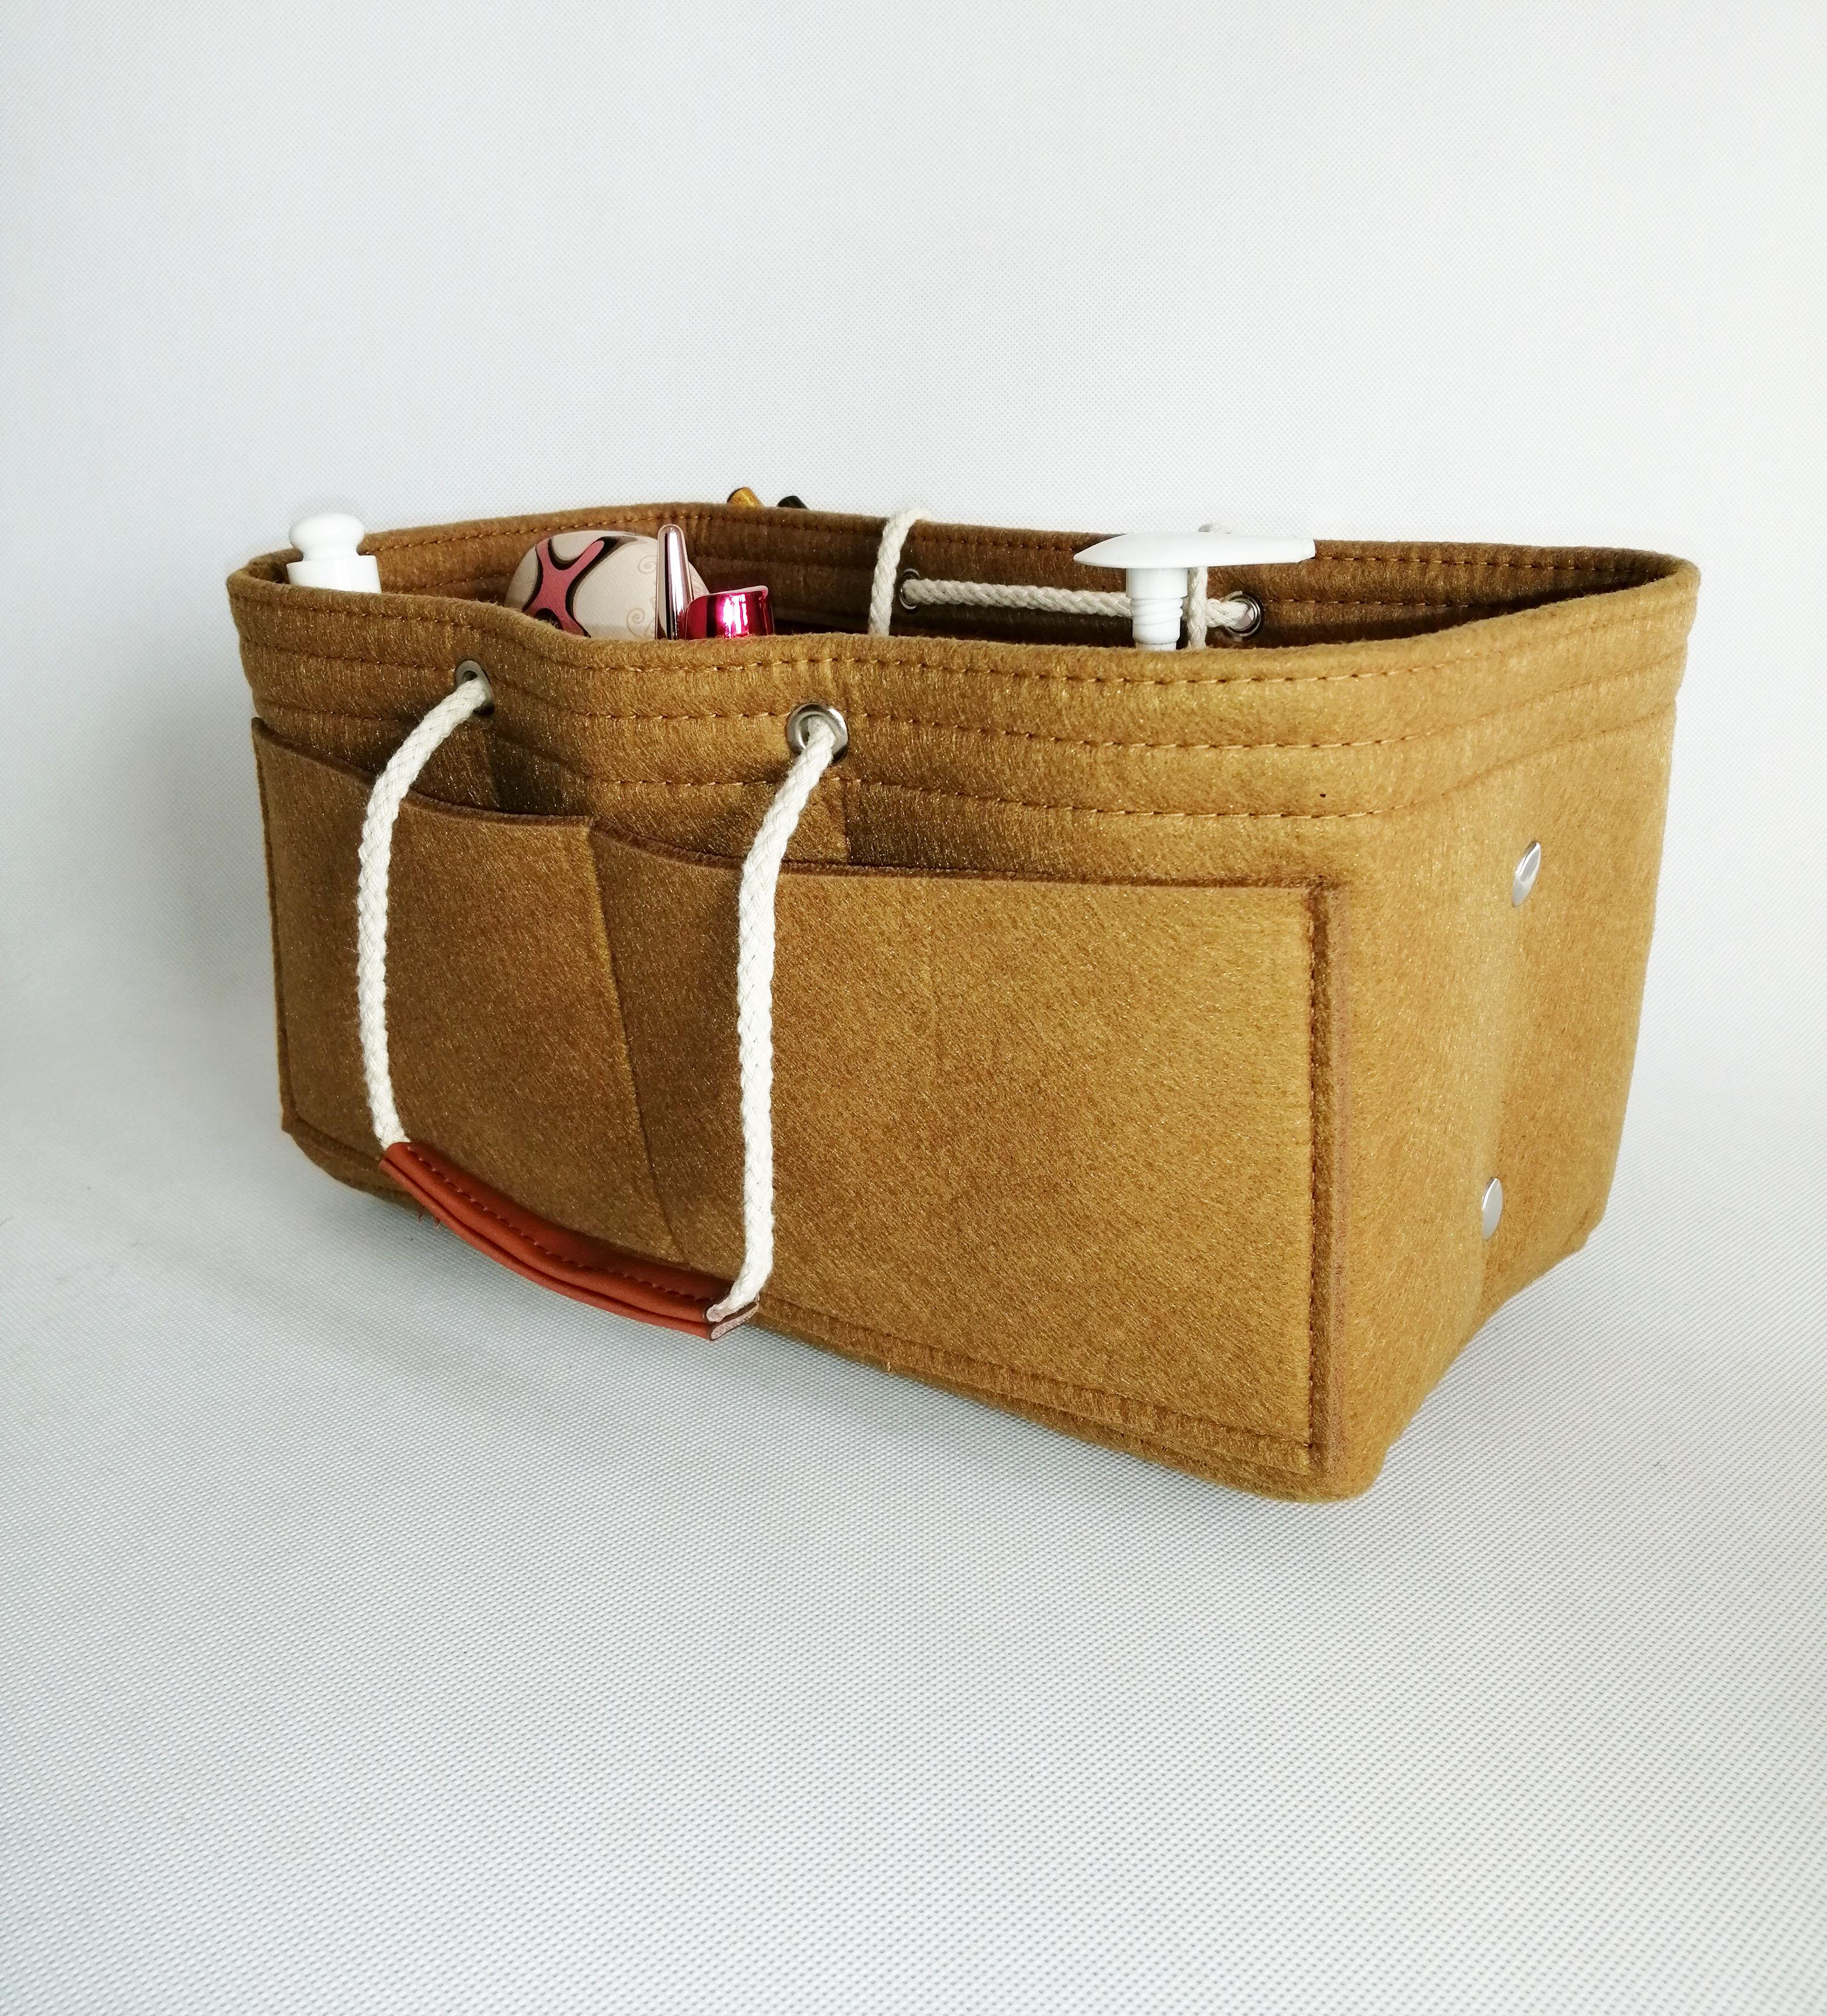 Felt Insert Bag Organizer In Ropch Purse Handbag Fits Lv Sdy Neverfull